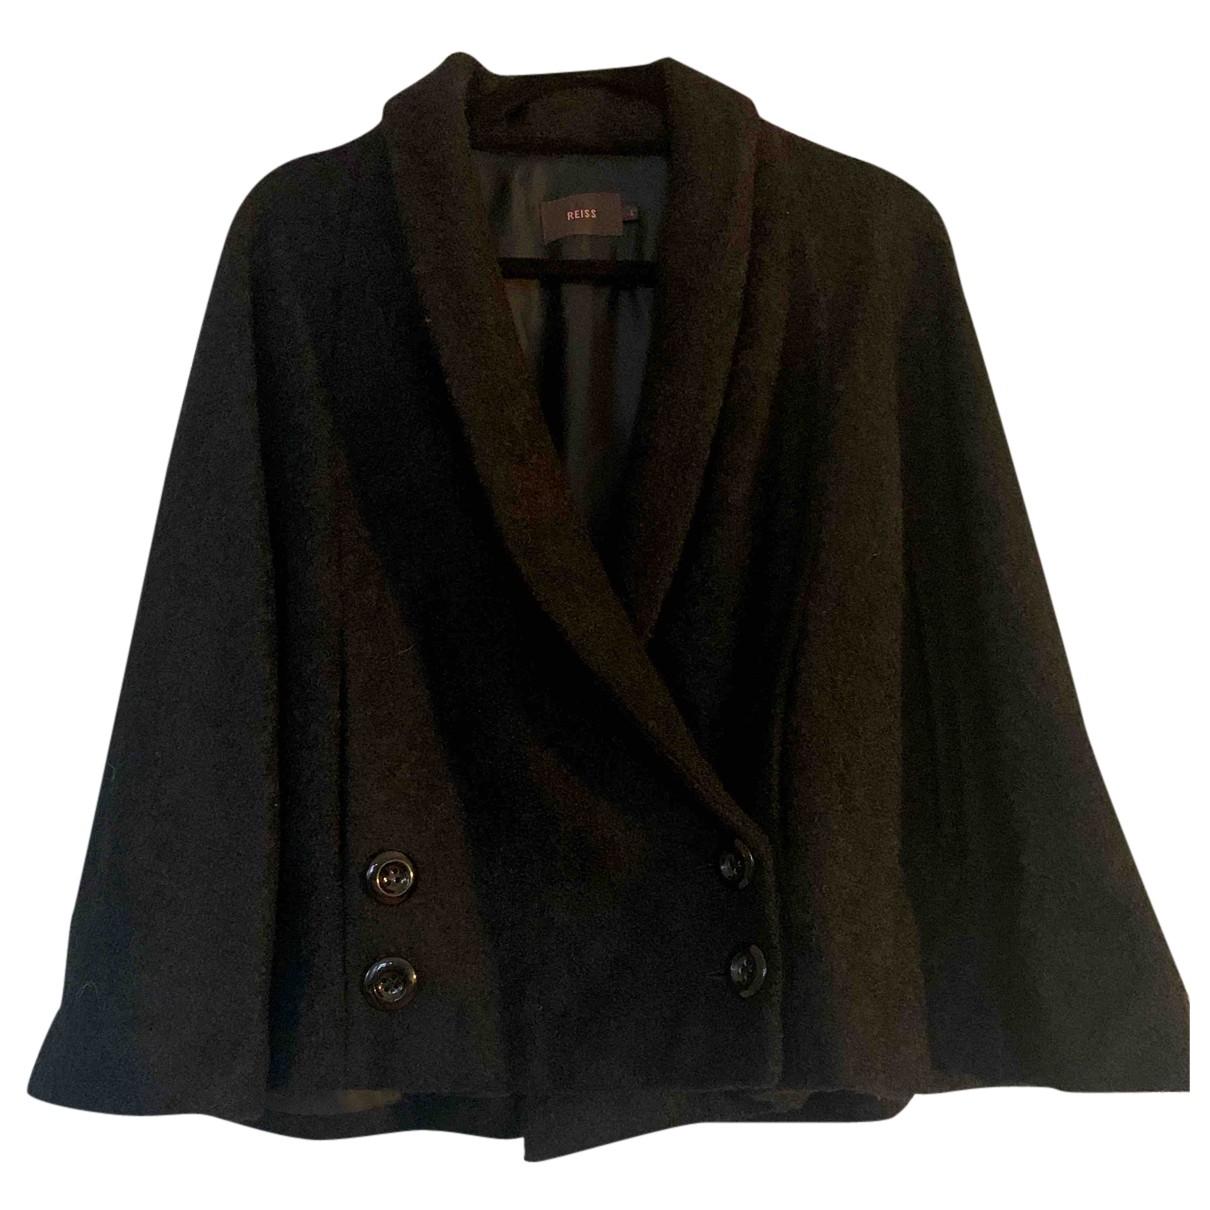 Reiss - Veste   pour femme en laine - noir